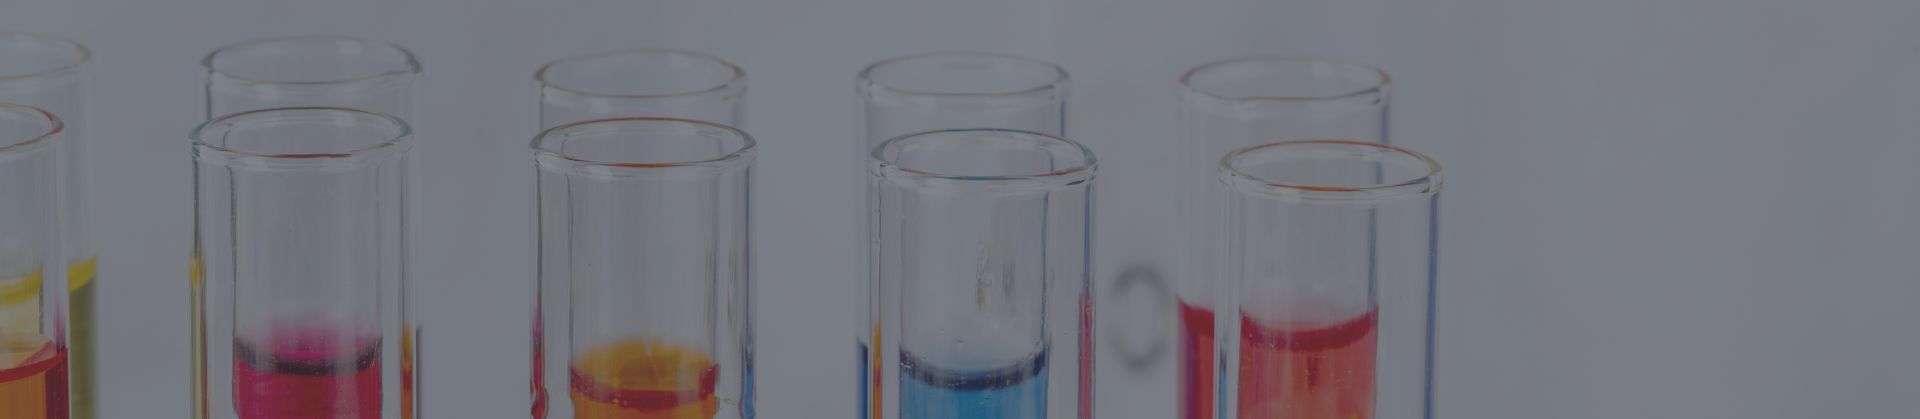 Curso superior | Graduação - Bacharelado em Engenharia Química